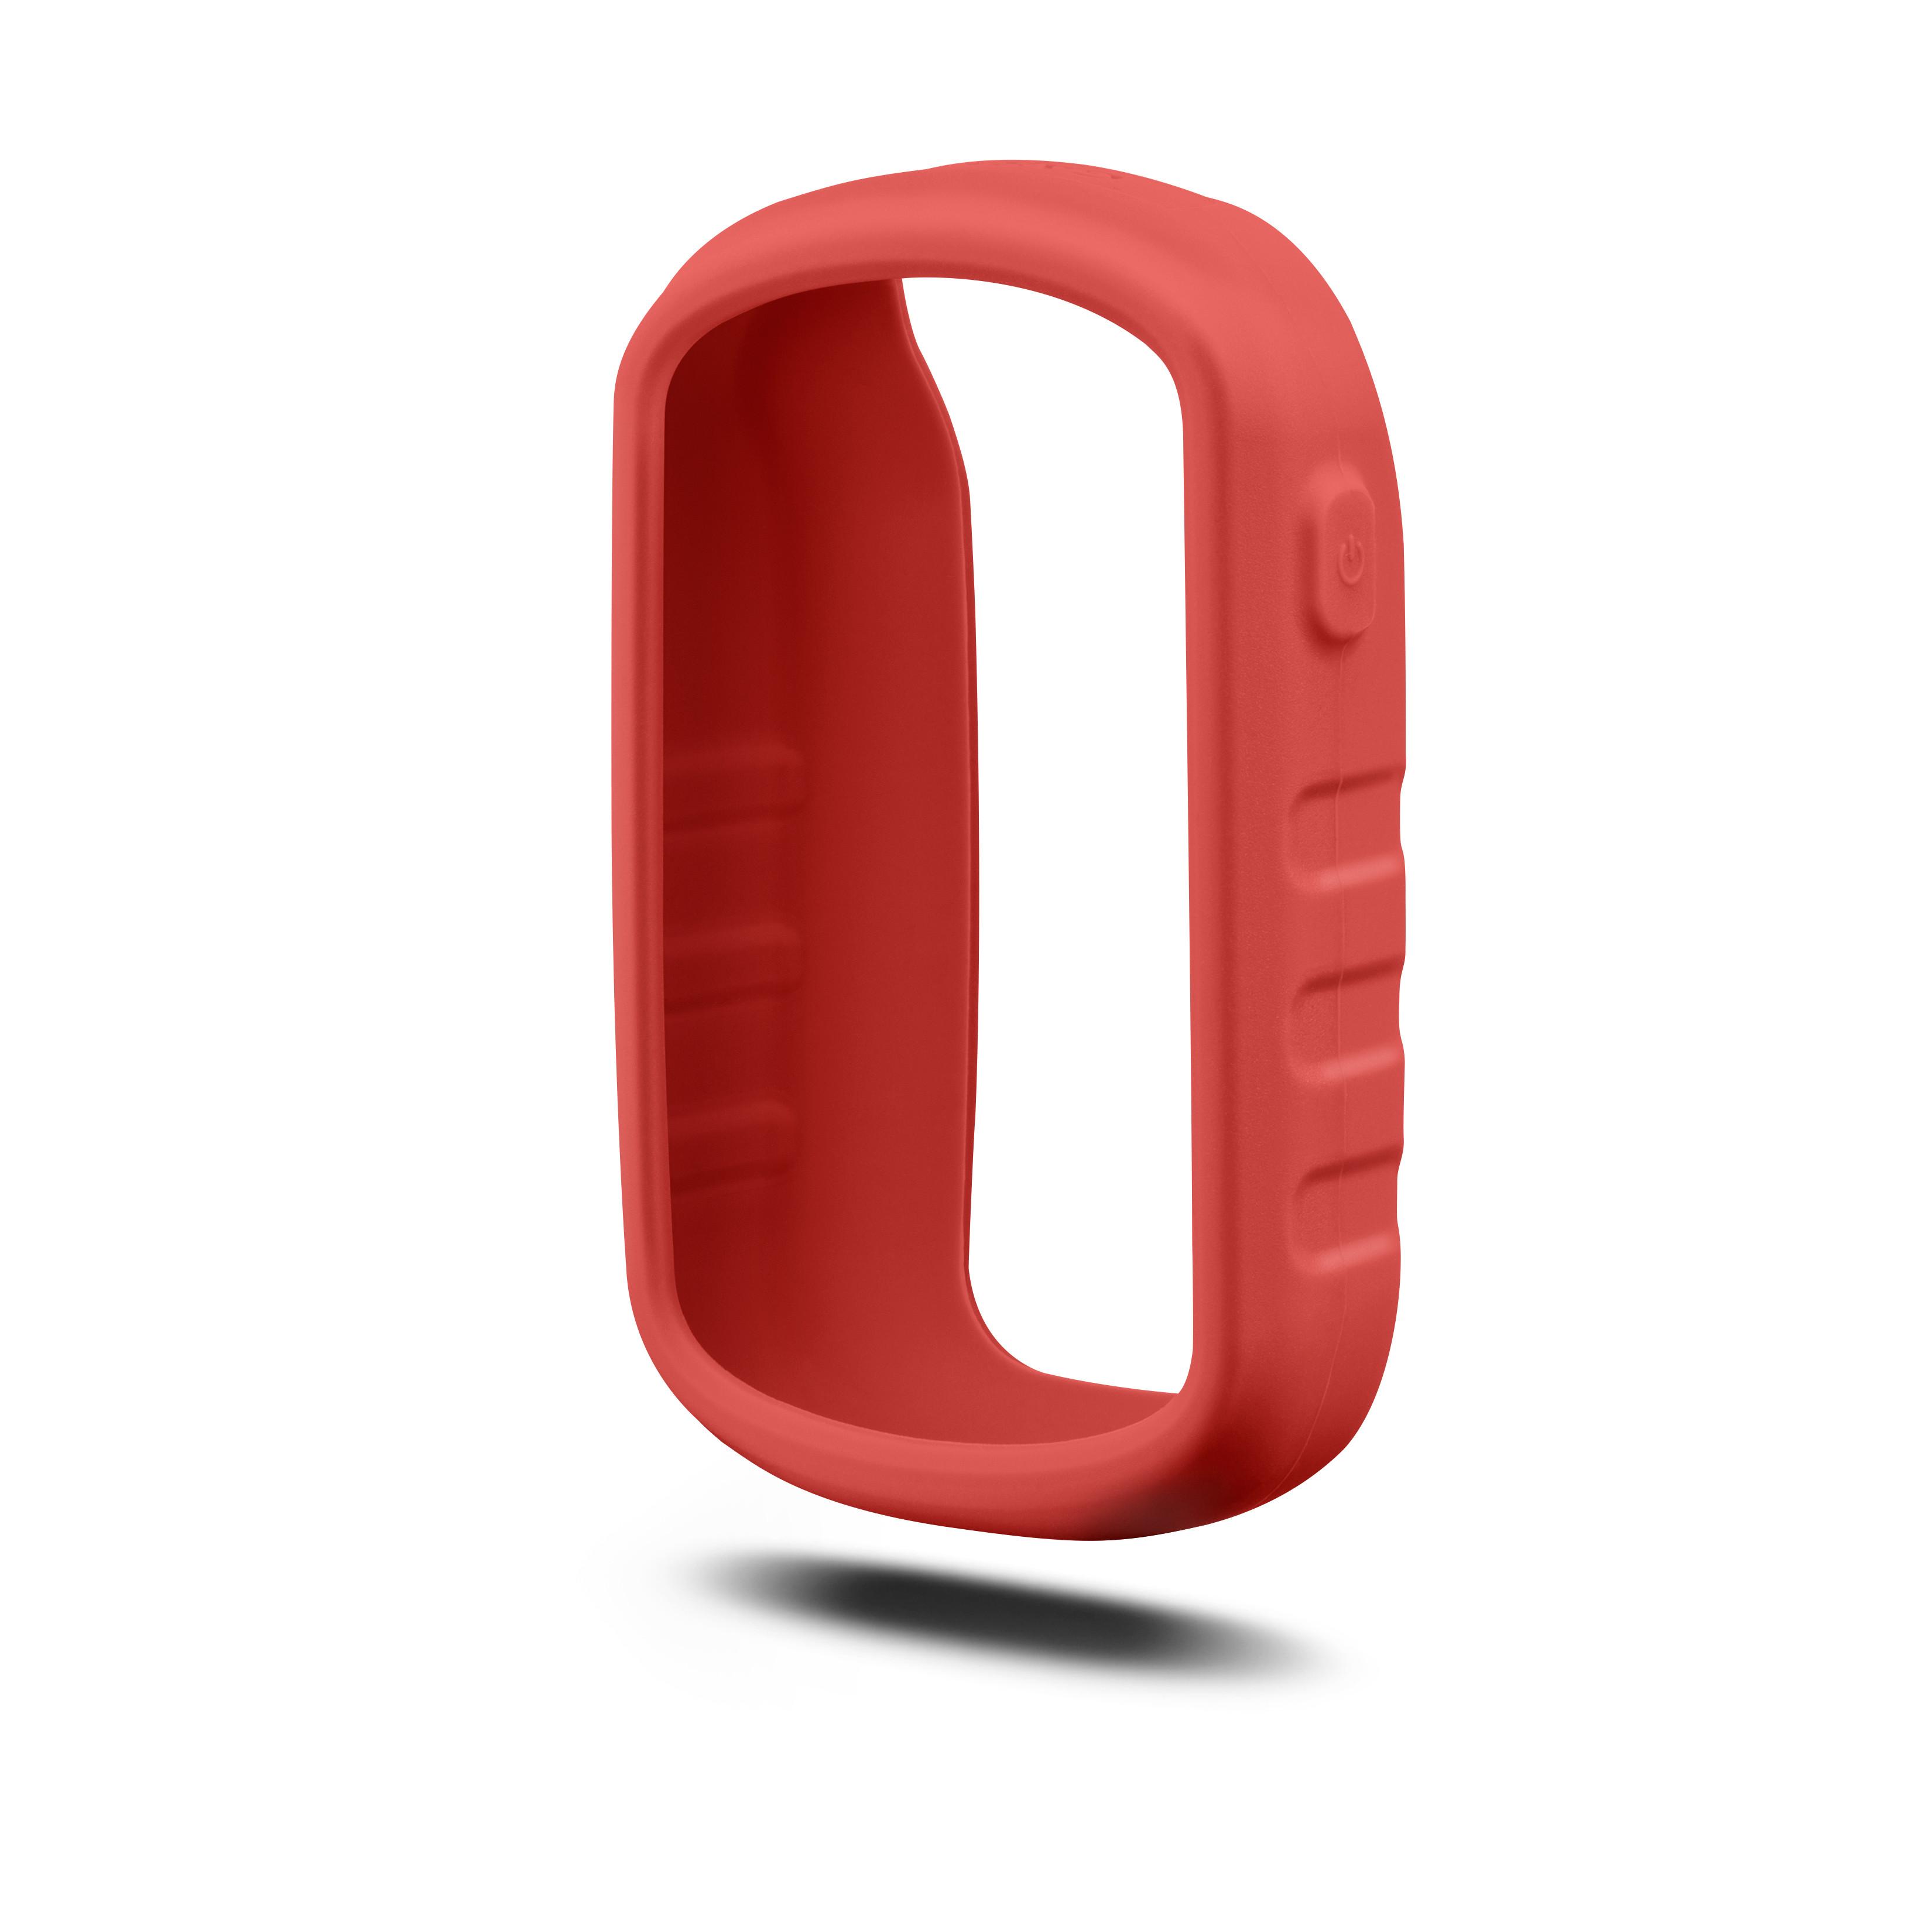 silikonové pouzdro pro eTrex Touch 25/35, červené